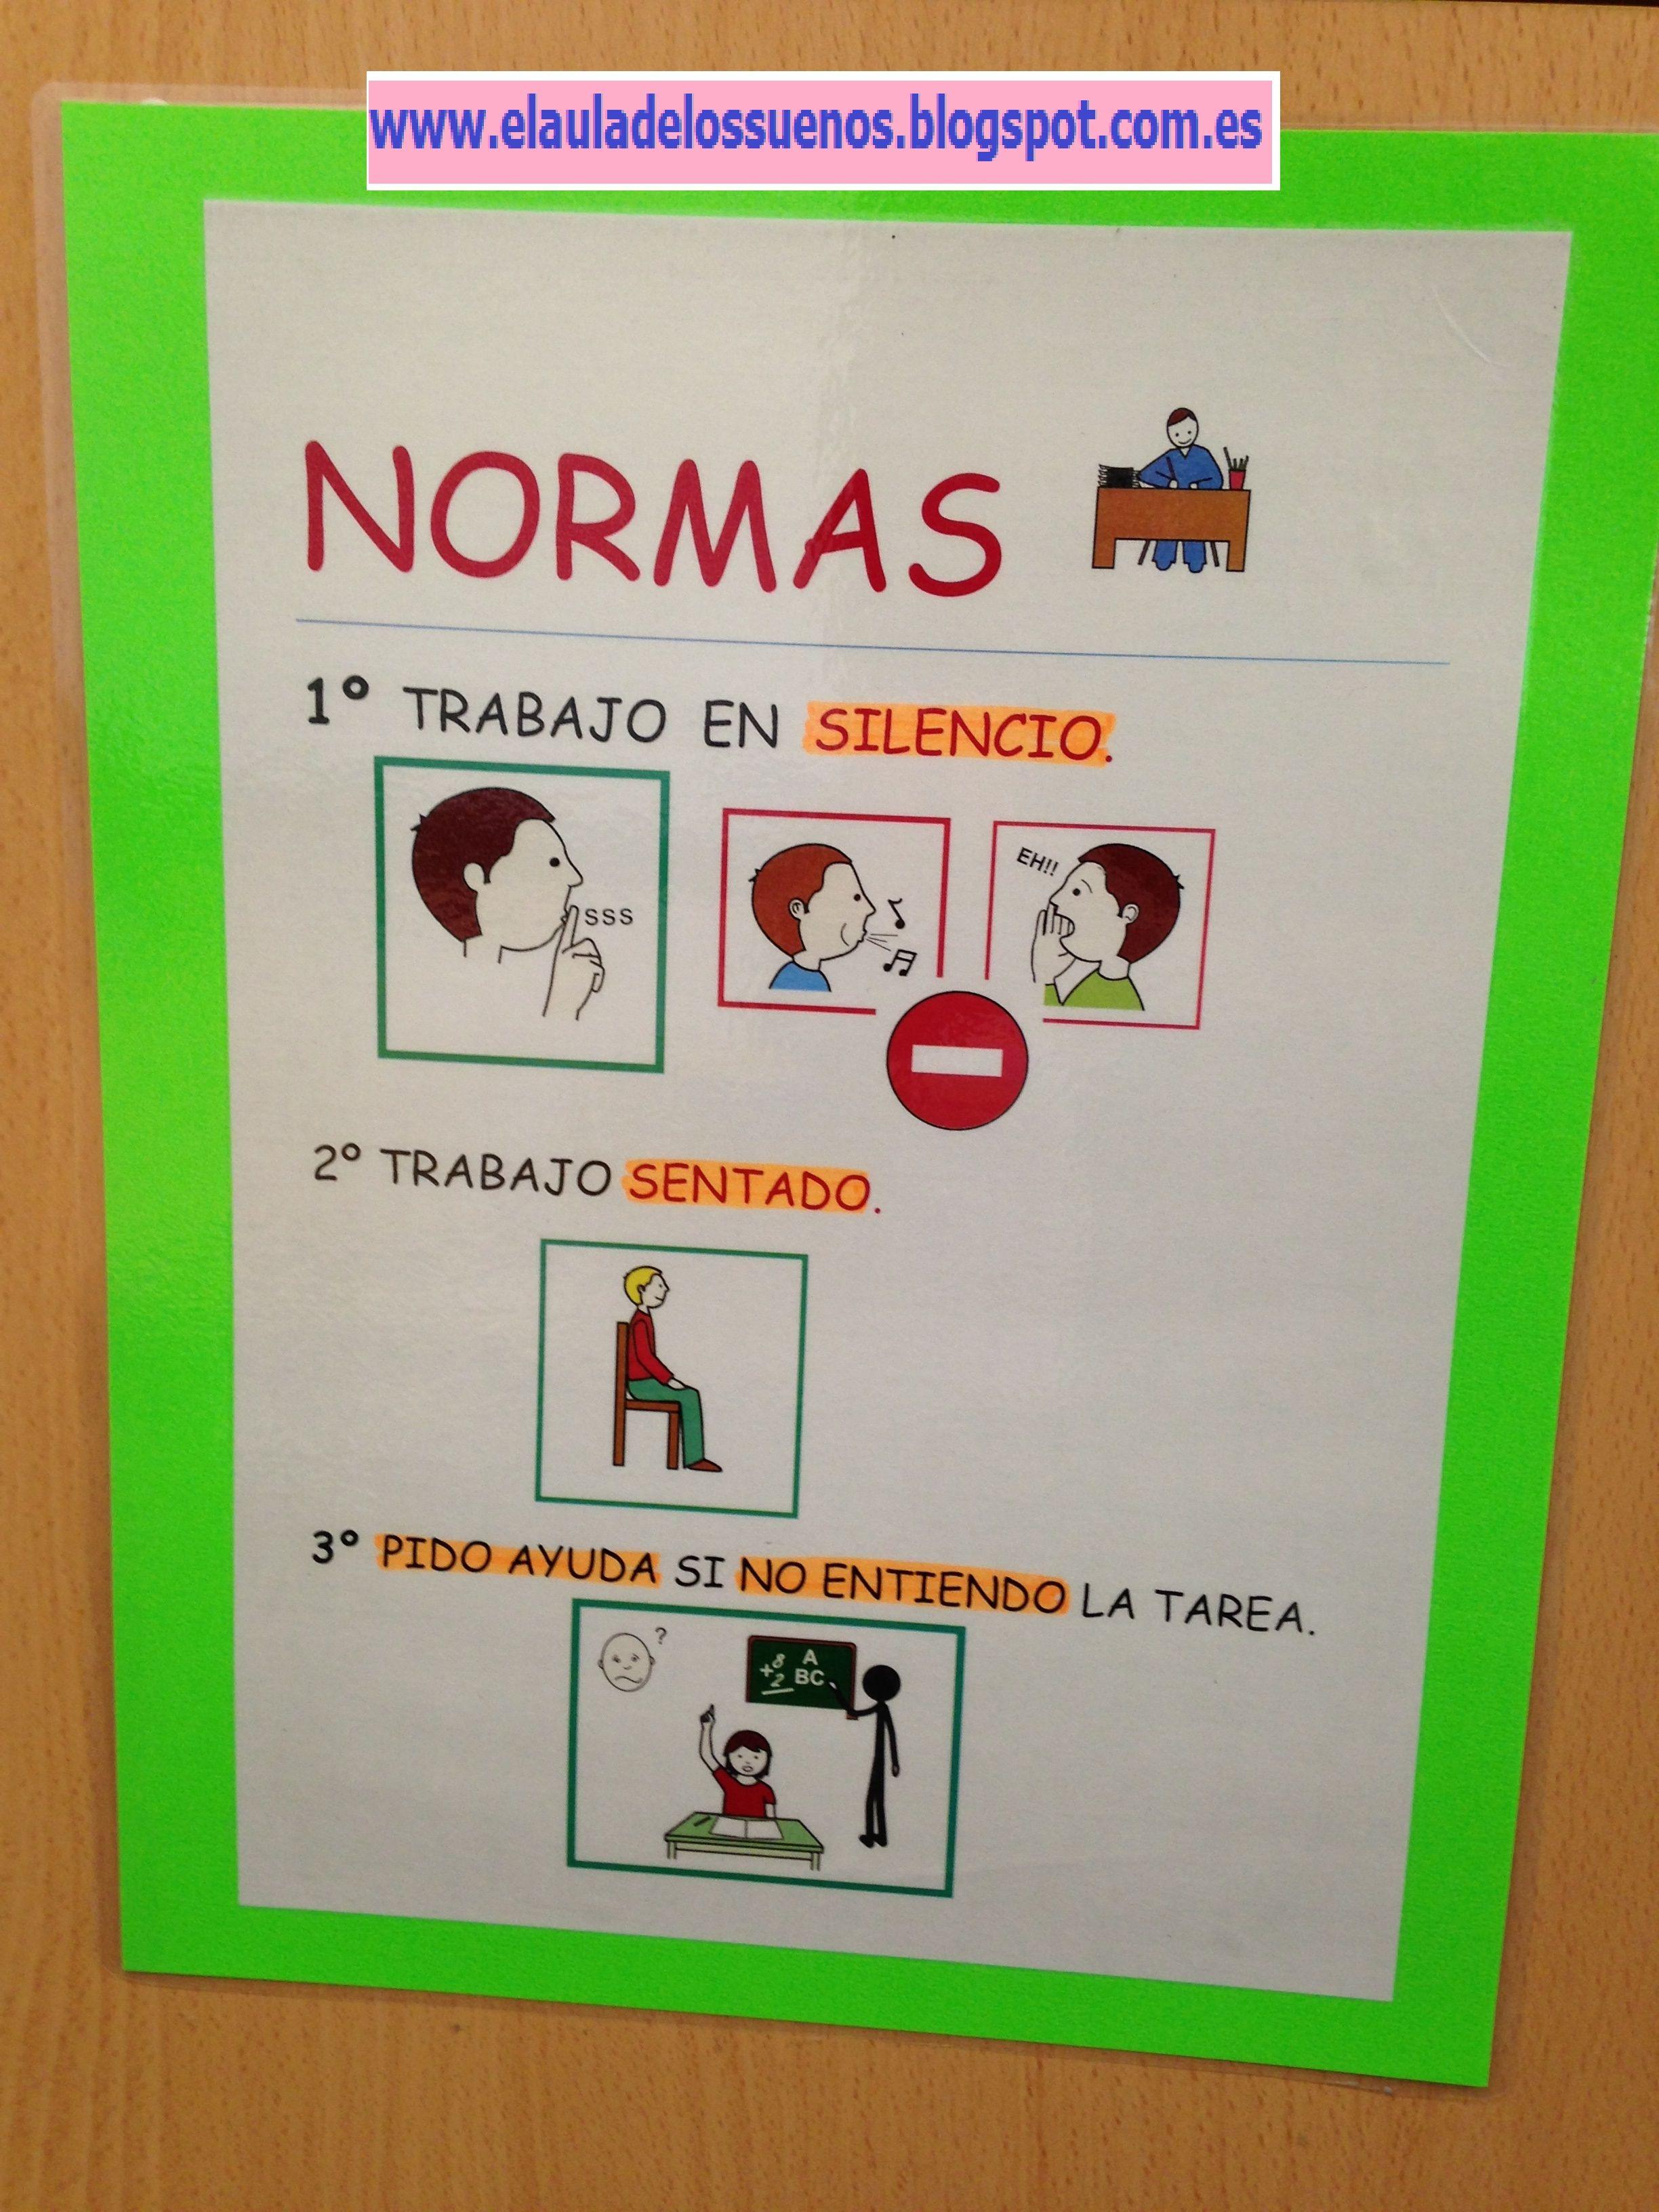 Normas De Trabajo En Mesa Adaptadas Con Pictogramas Actividades Para Niños Autistas Horario Para Niños Ejercicios Lenguaje